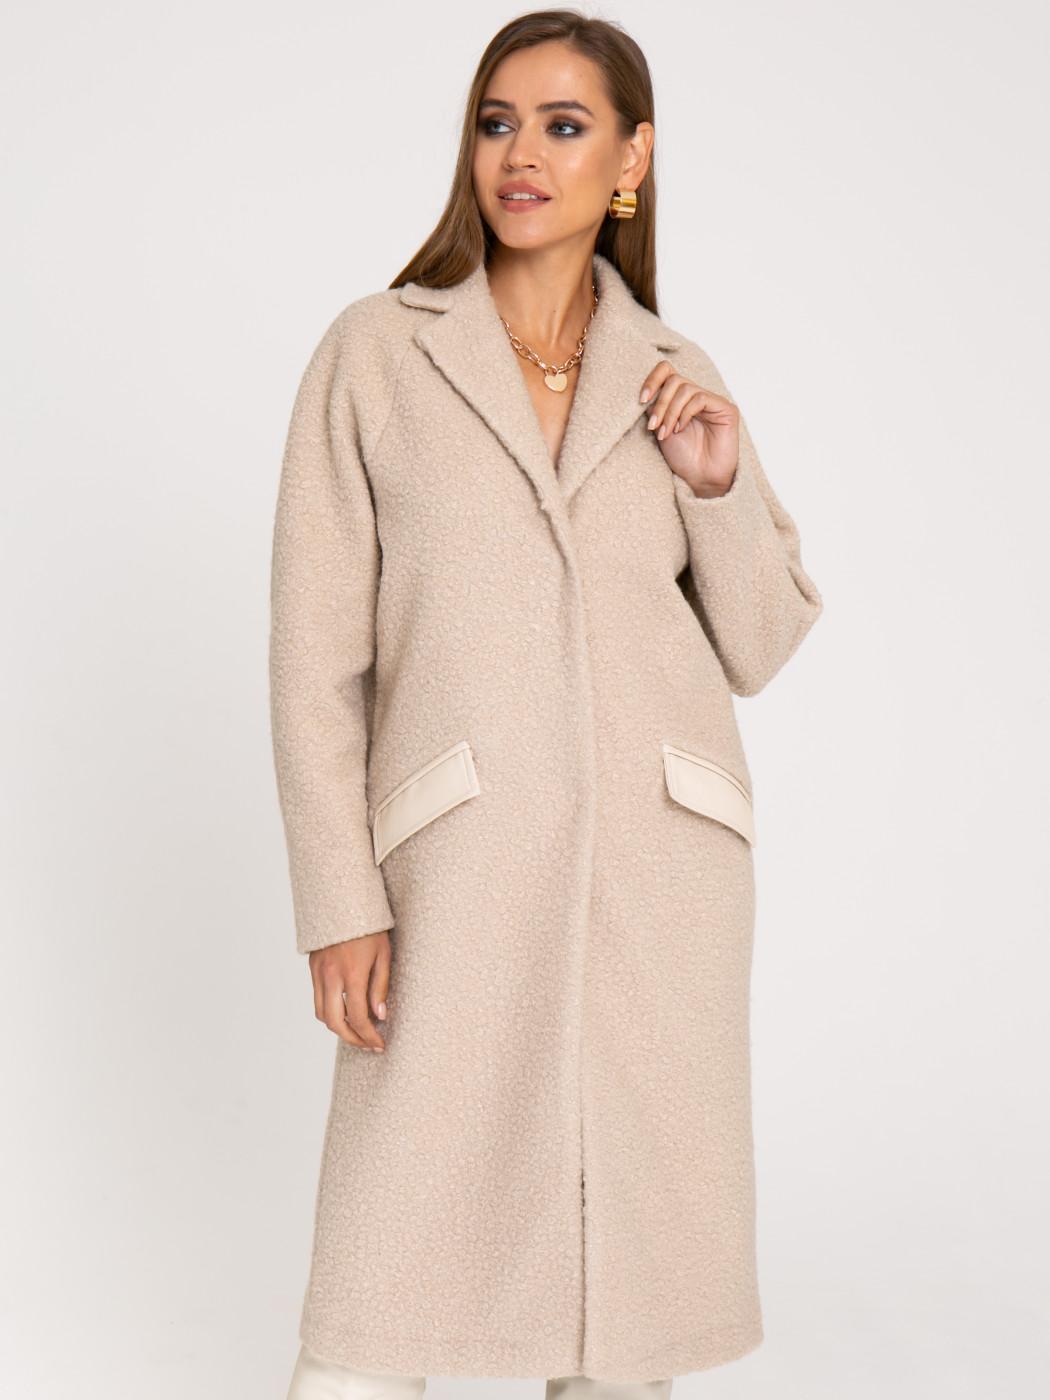 Пальто А412 цвет: бежевый